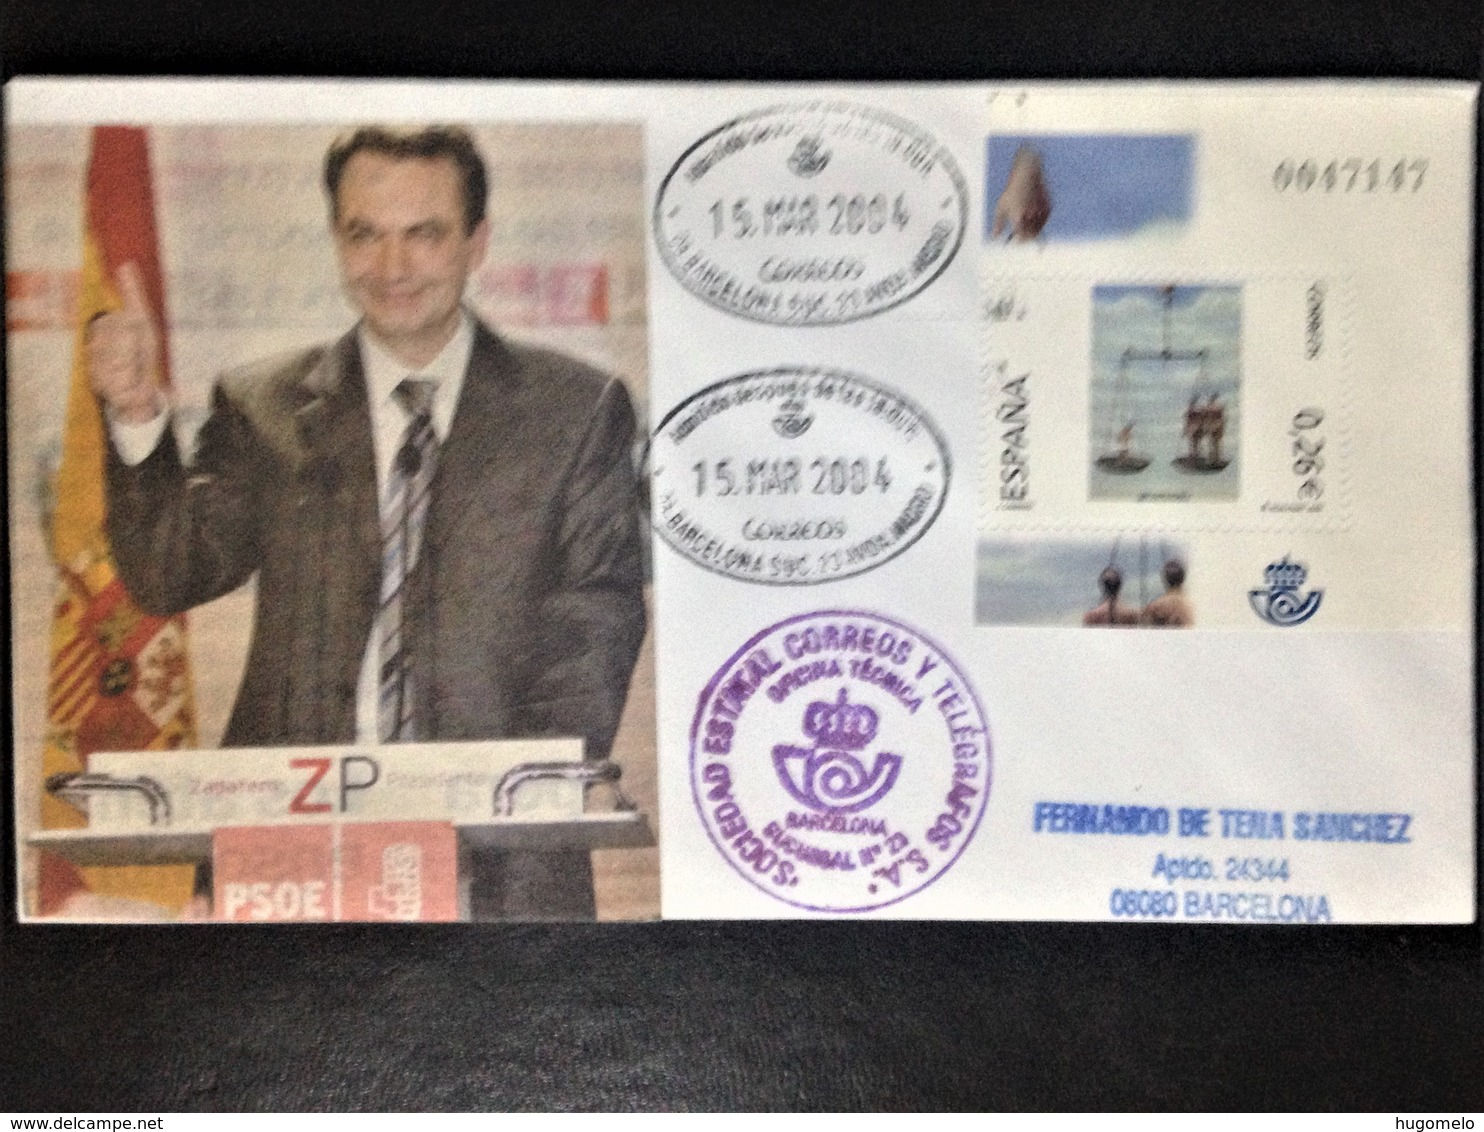 """Spain, Circulated Cover, """"Politics"""", """"Elections"""", """"Zapatero"""", 2004 - Collezioni"""